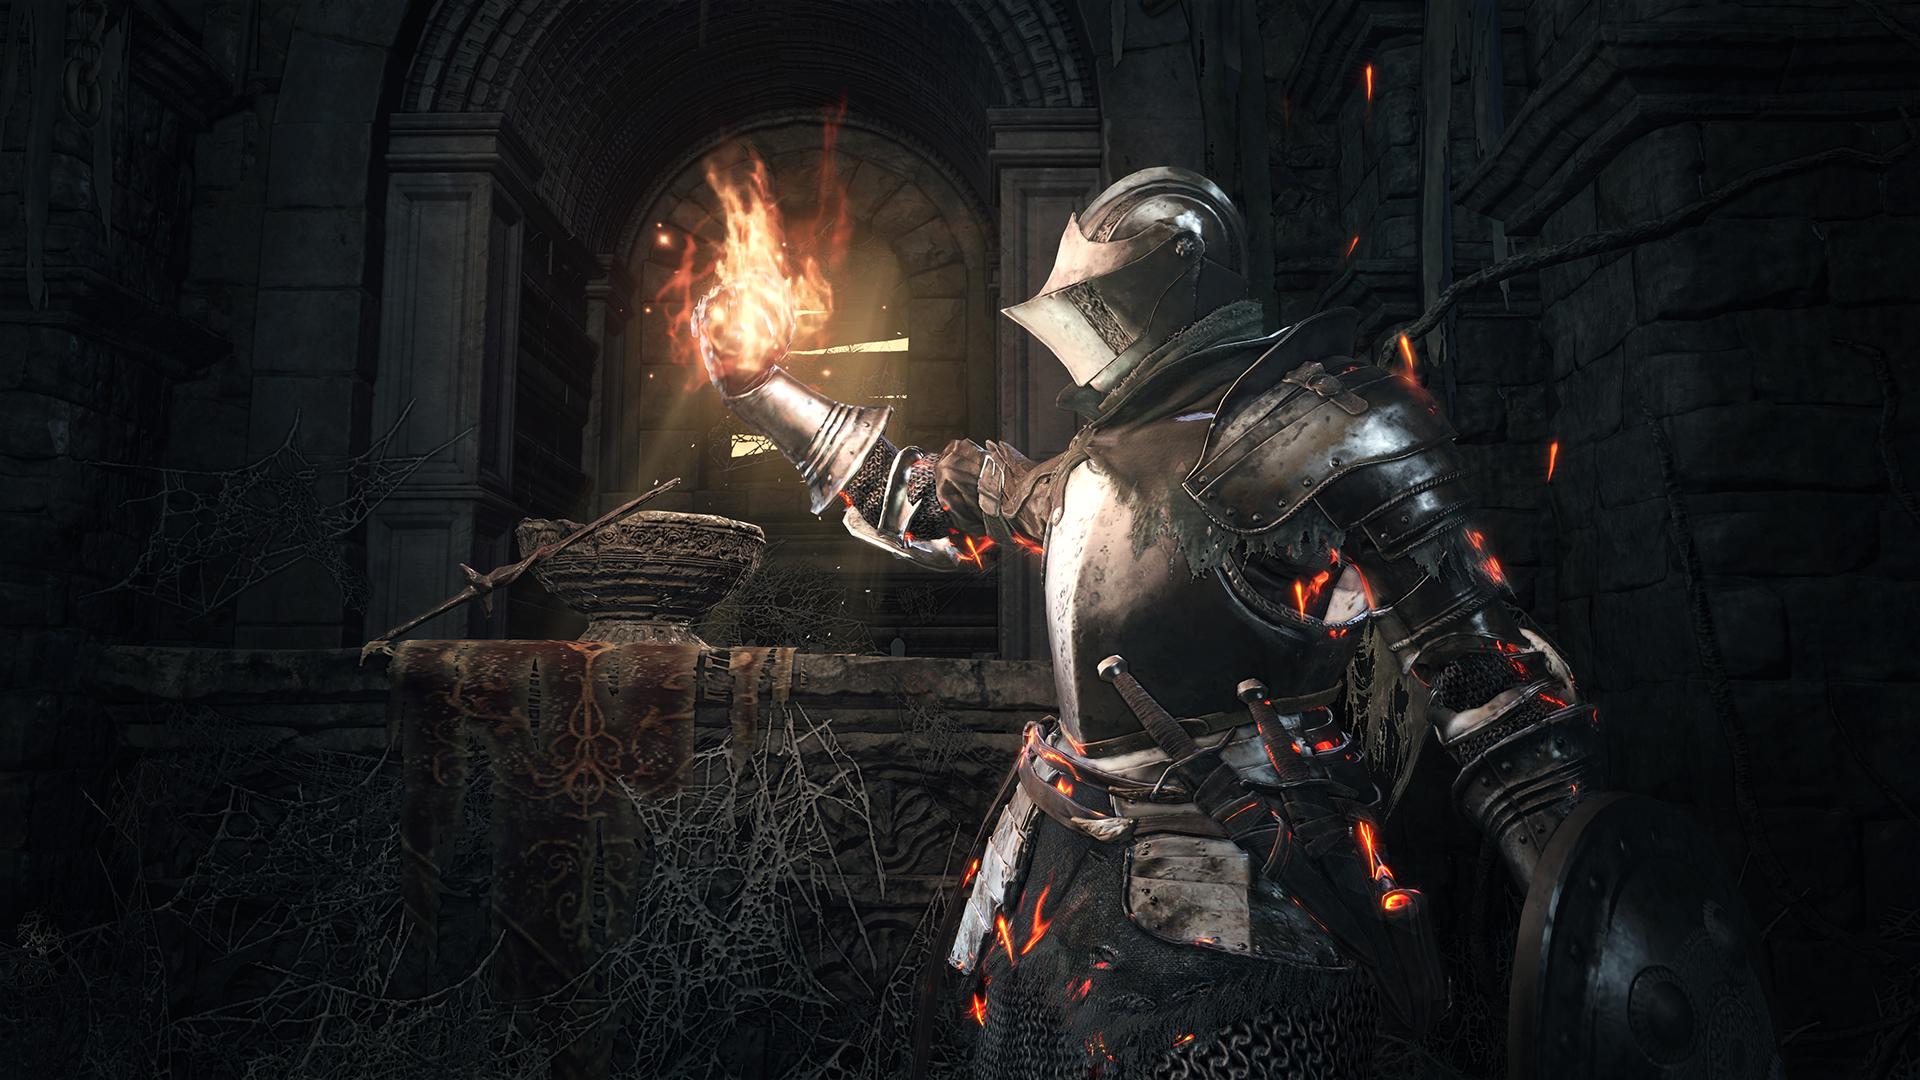 Nové obrázky a artworky z Dark Souls 3 114971